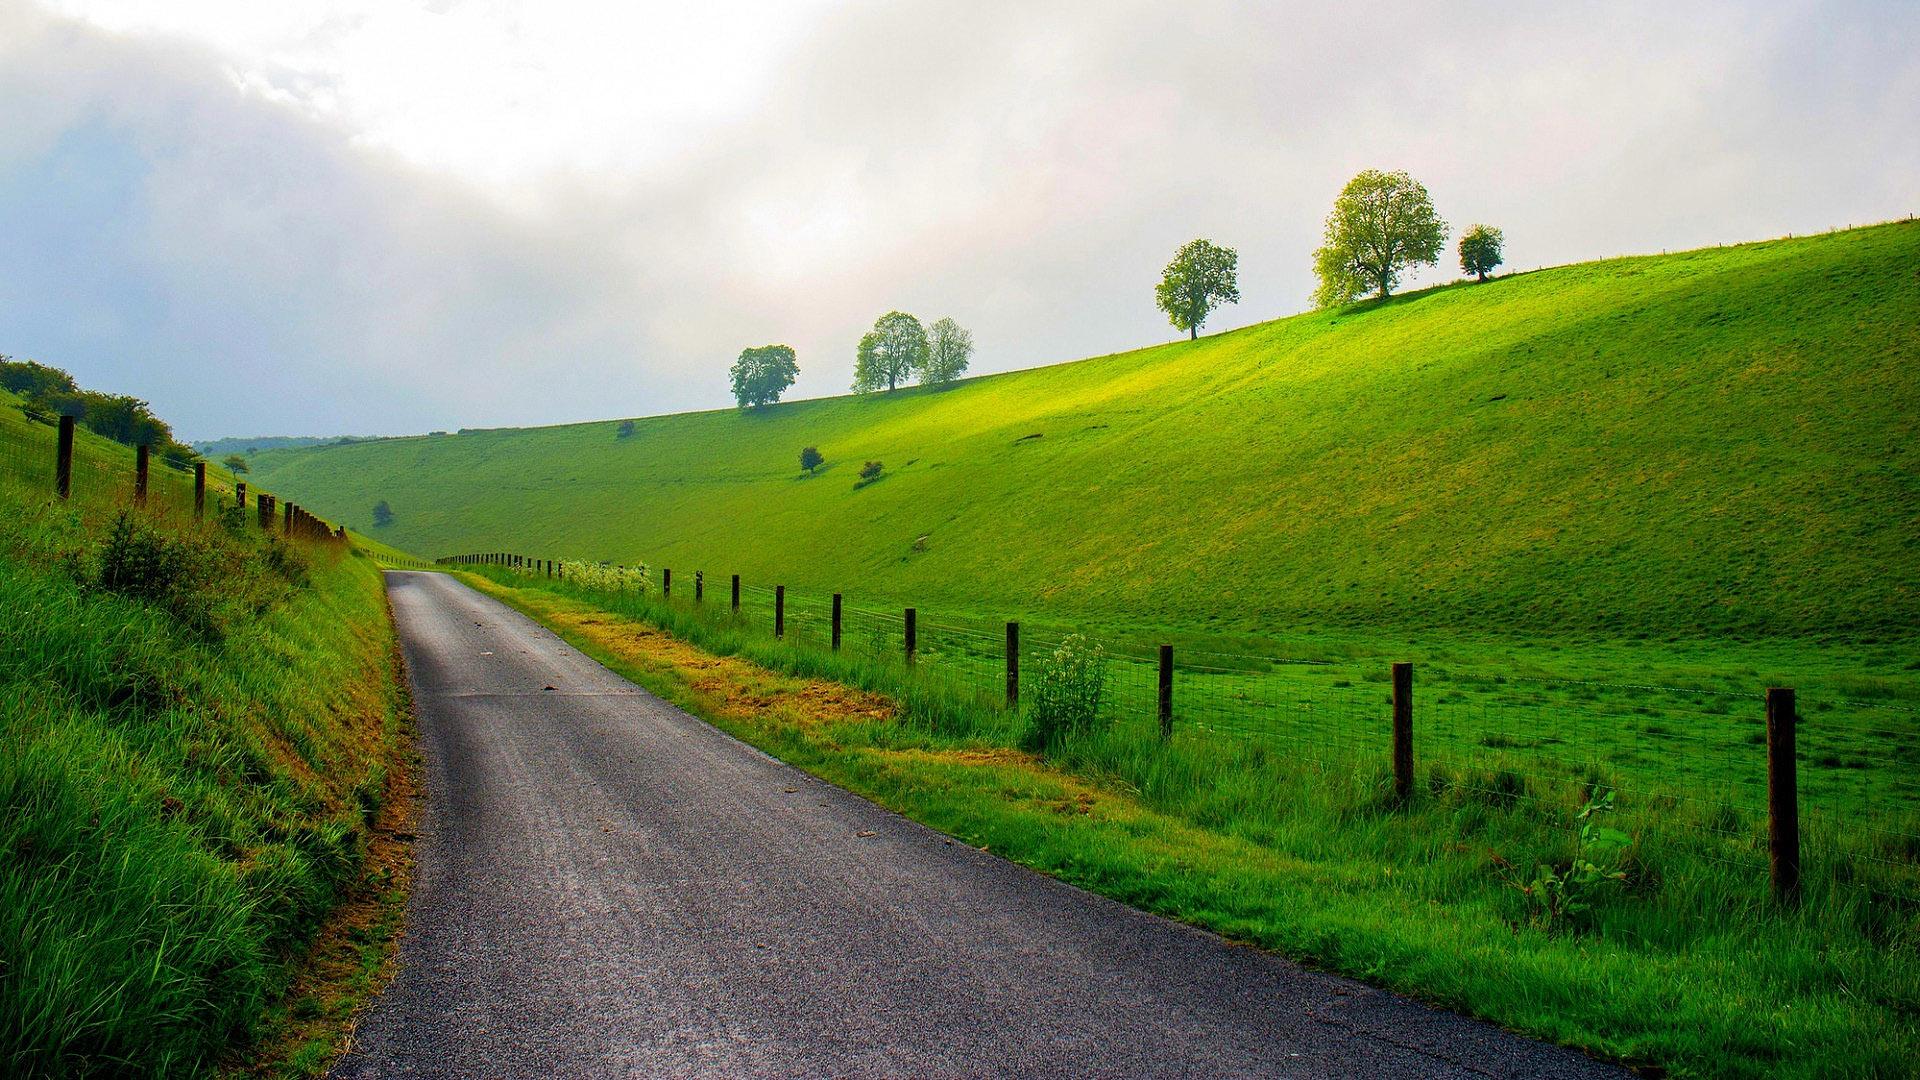 Весенний пейзаж вдоль дороги, природа, 1920 на 1080 пикселей